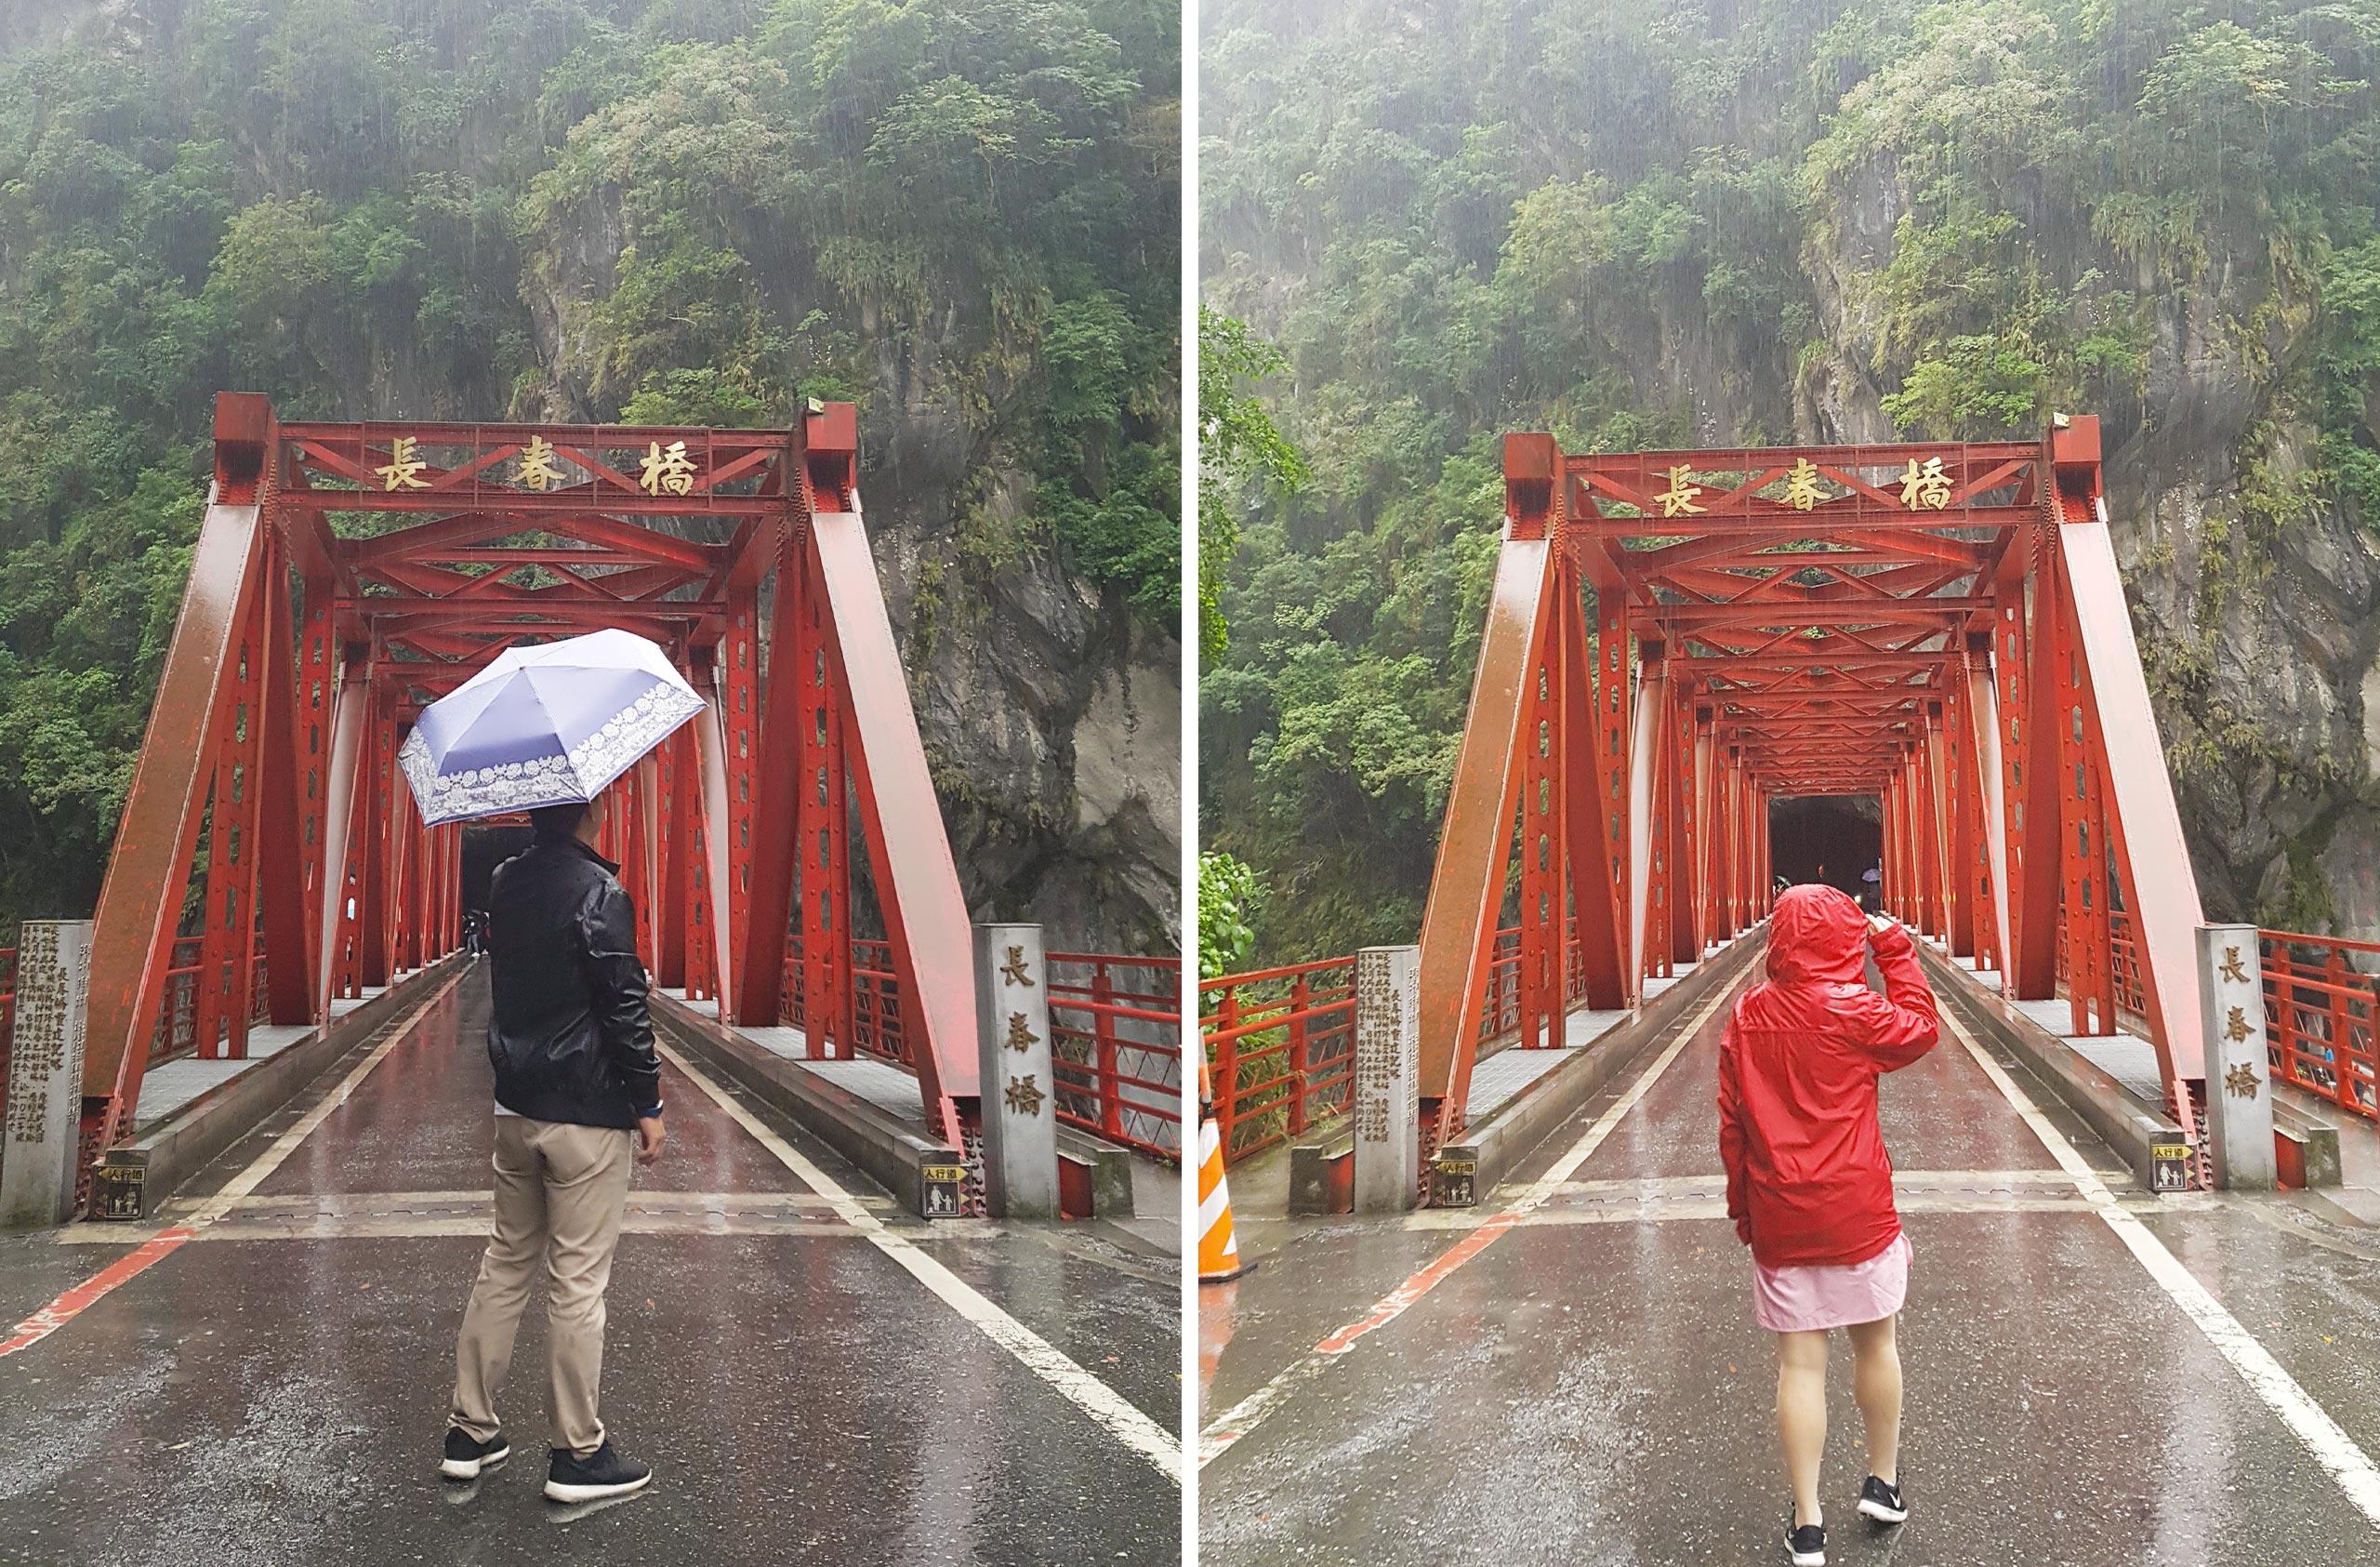 Taiwan Road Trip - Taroko Cang Cun Bridge